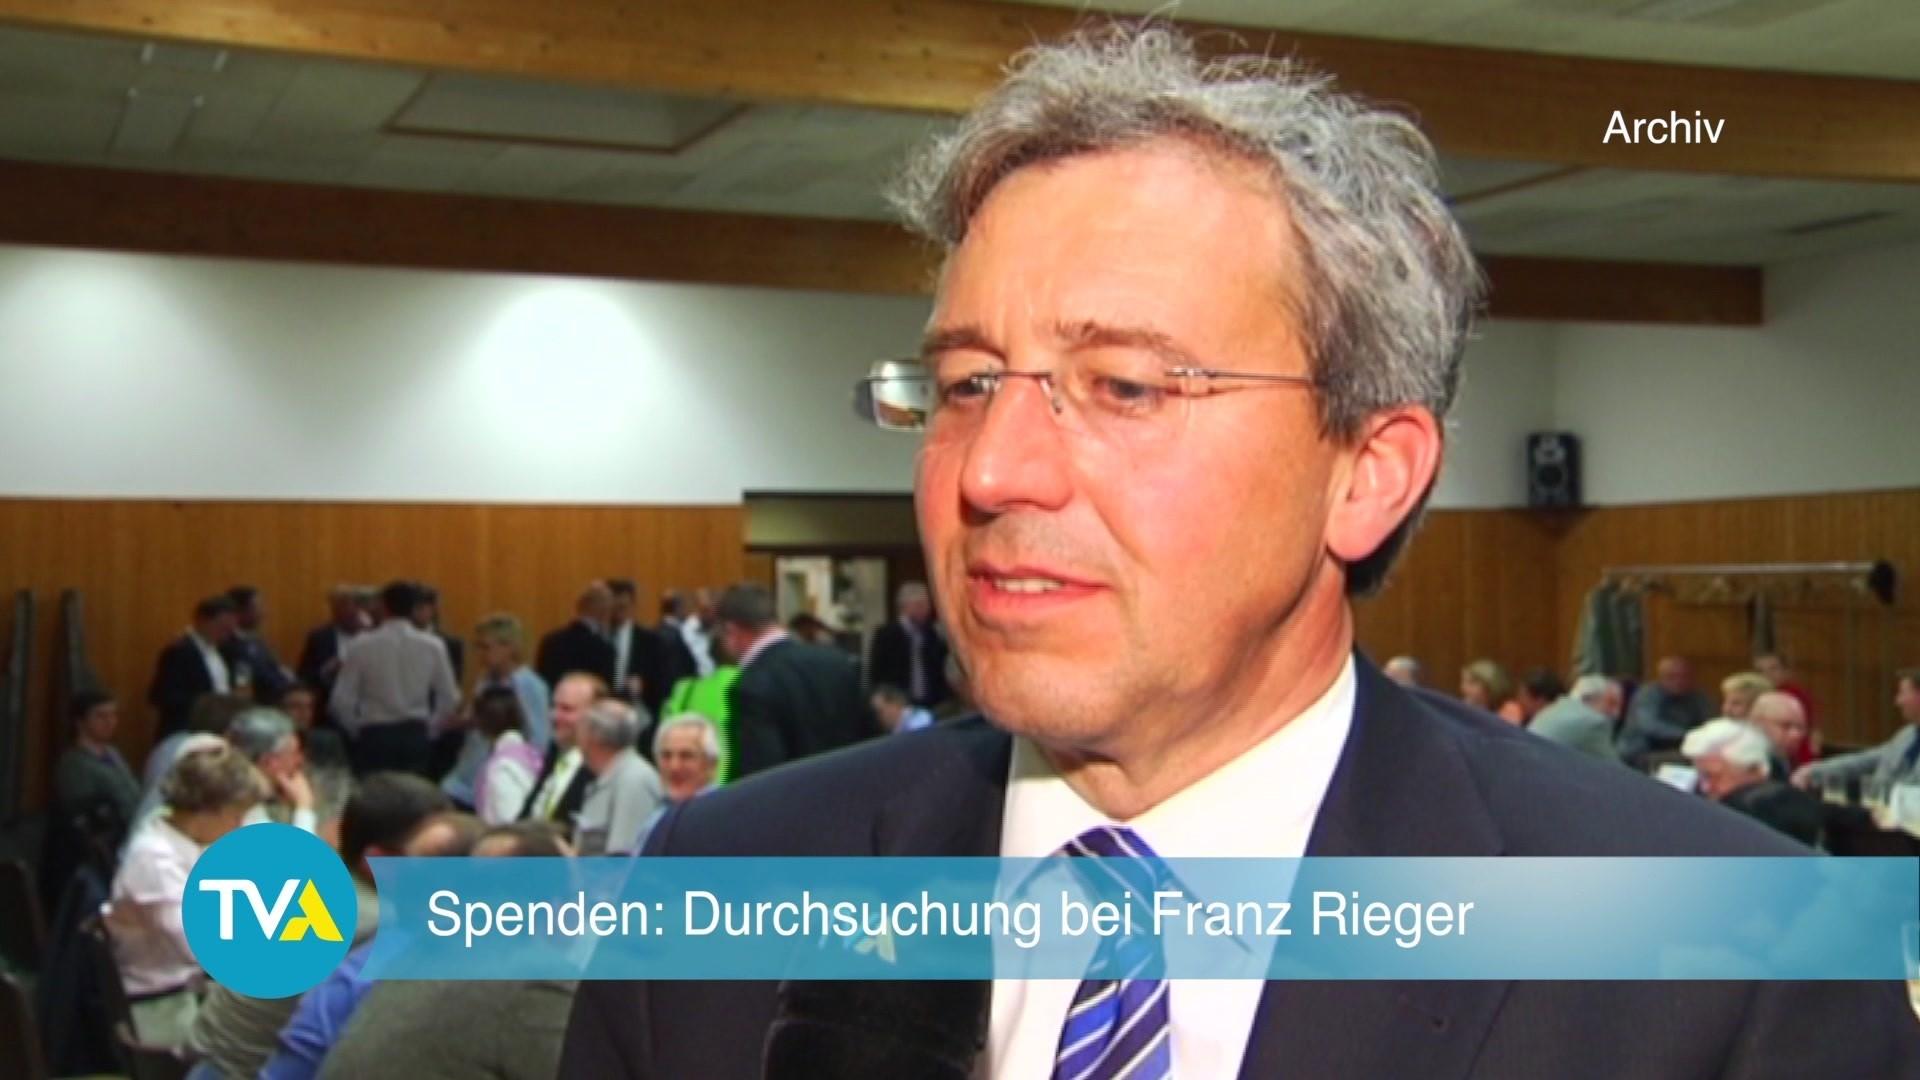 Spendenermittlungen Durchsuchung Bei Franz Rieger Tva